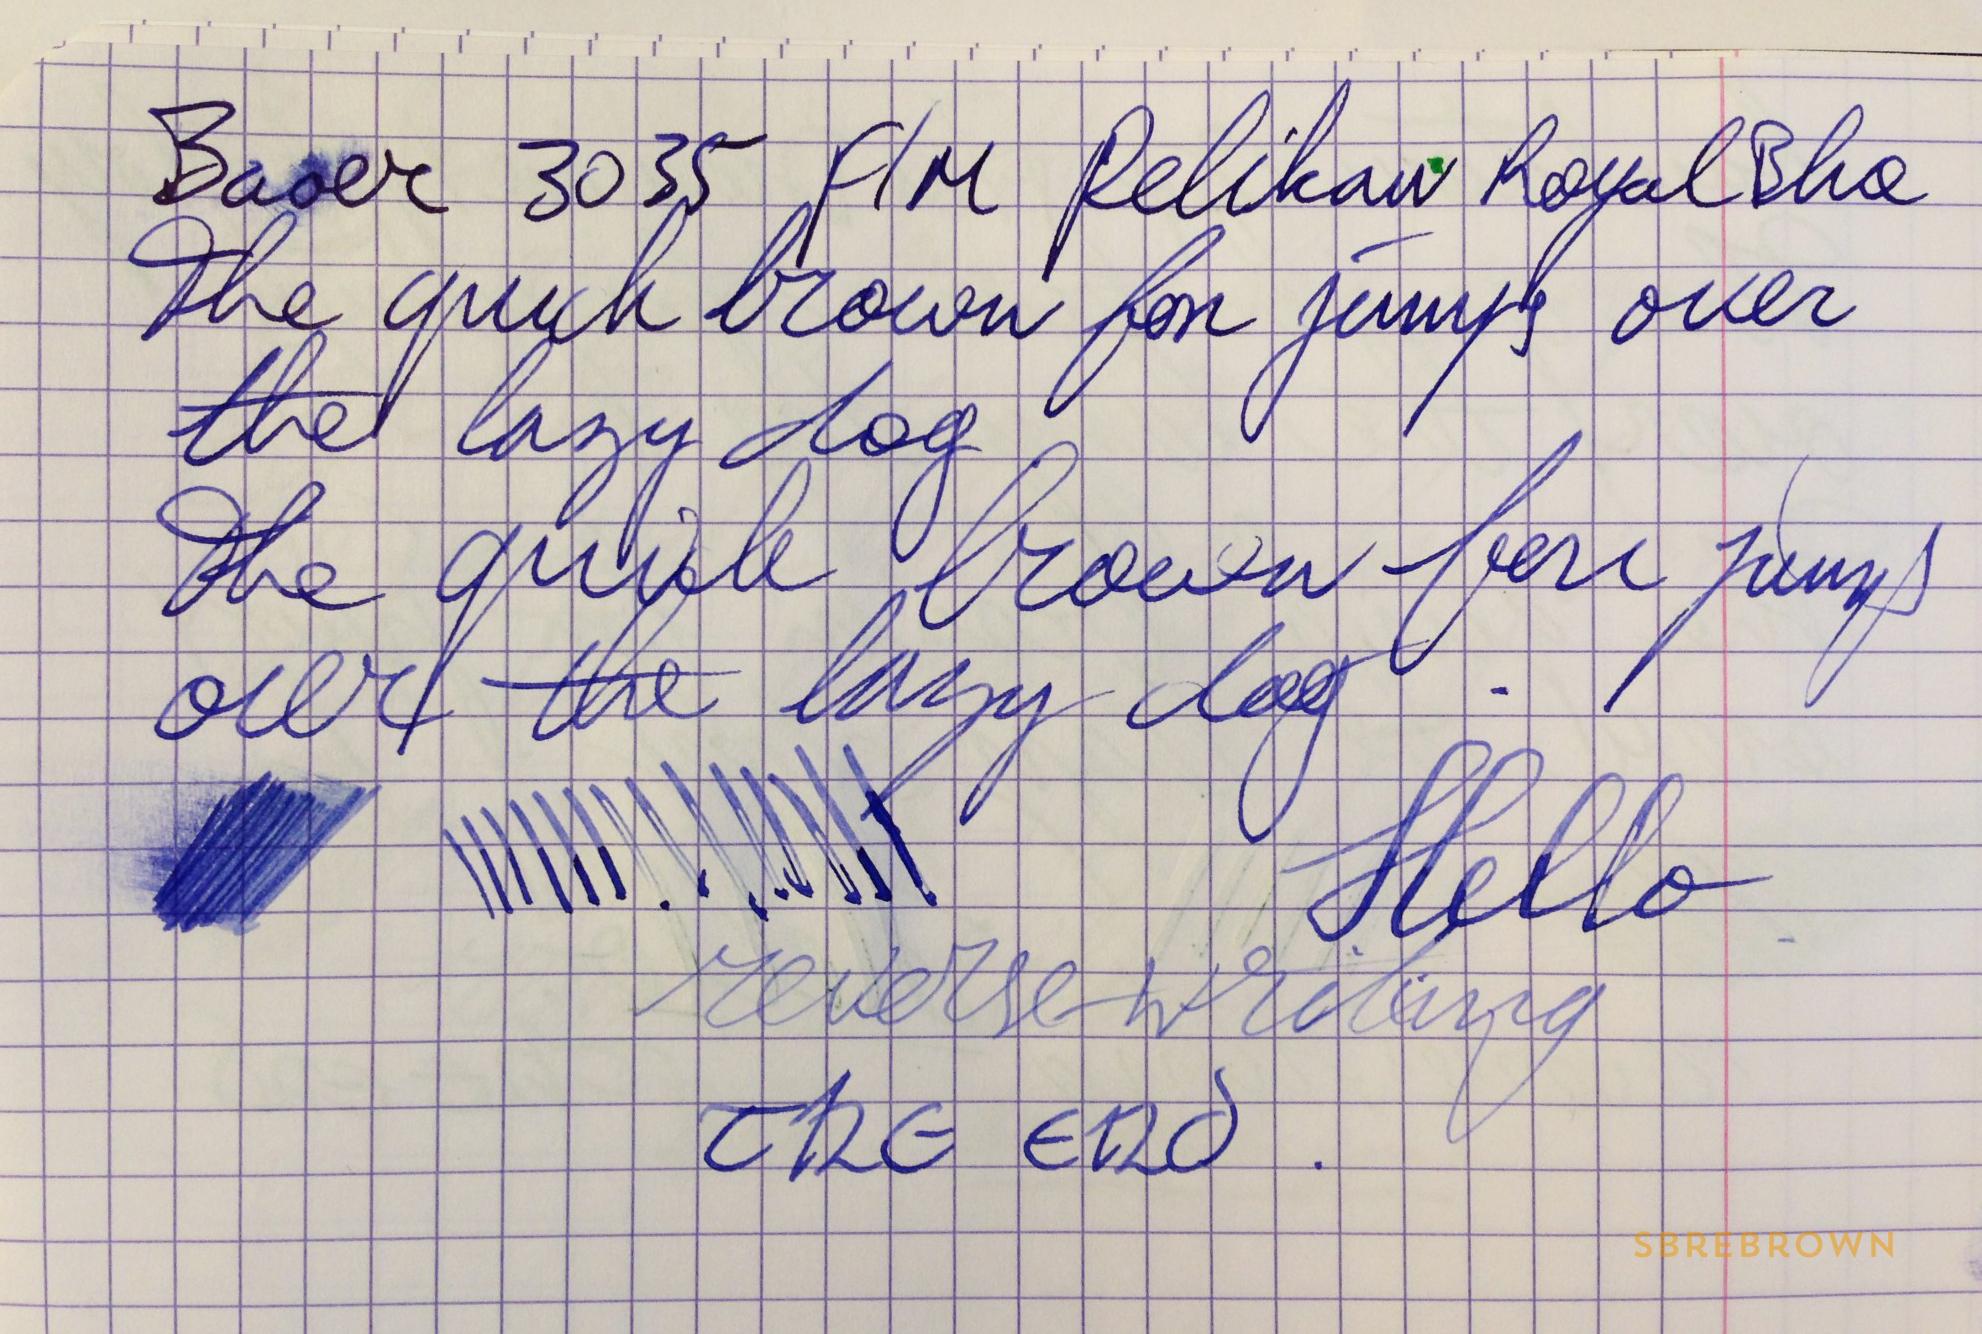 Baoer 3035 Fountain Pen Review (6)